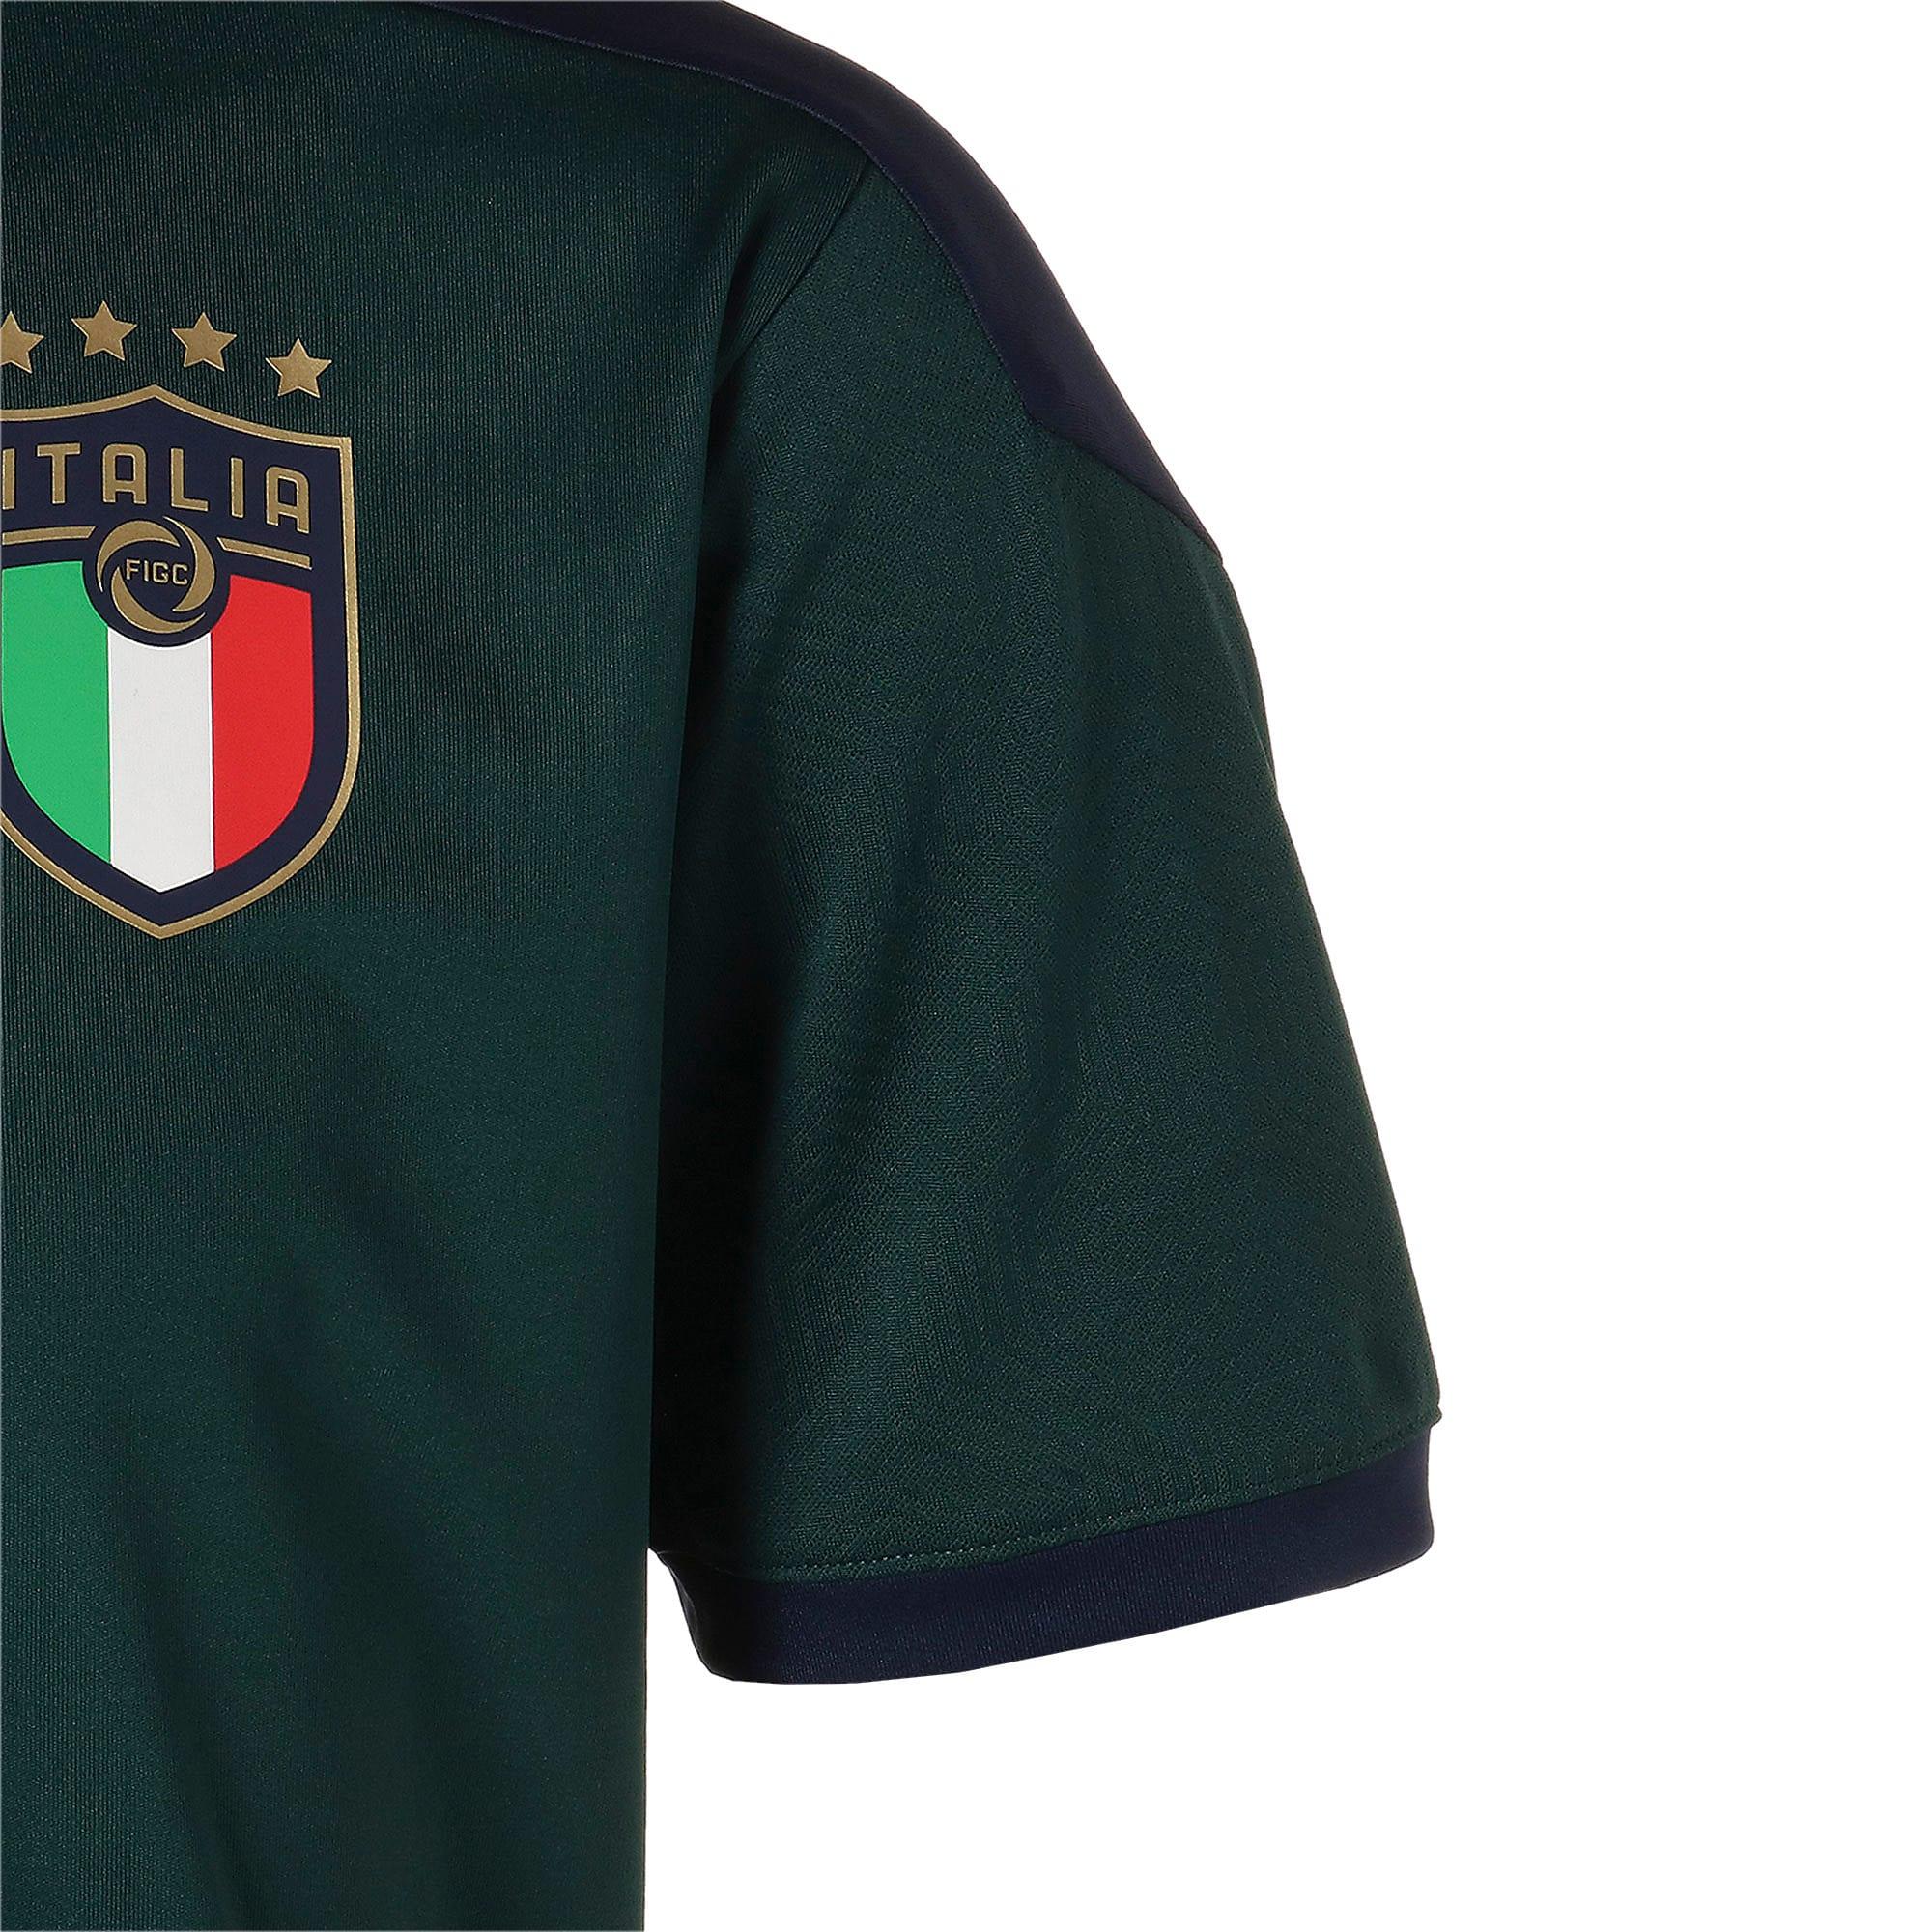 Thumbnail 5 of FIGC イタリア トレーニング シャツ, Ponderosa Pine-Peacoat, medium-JPN